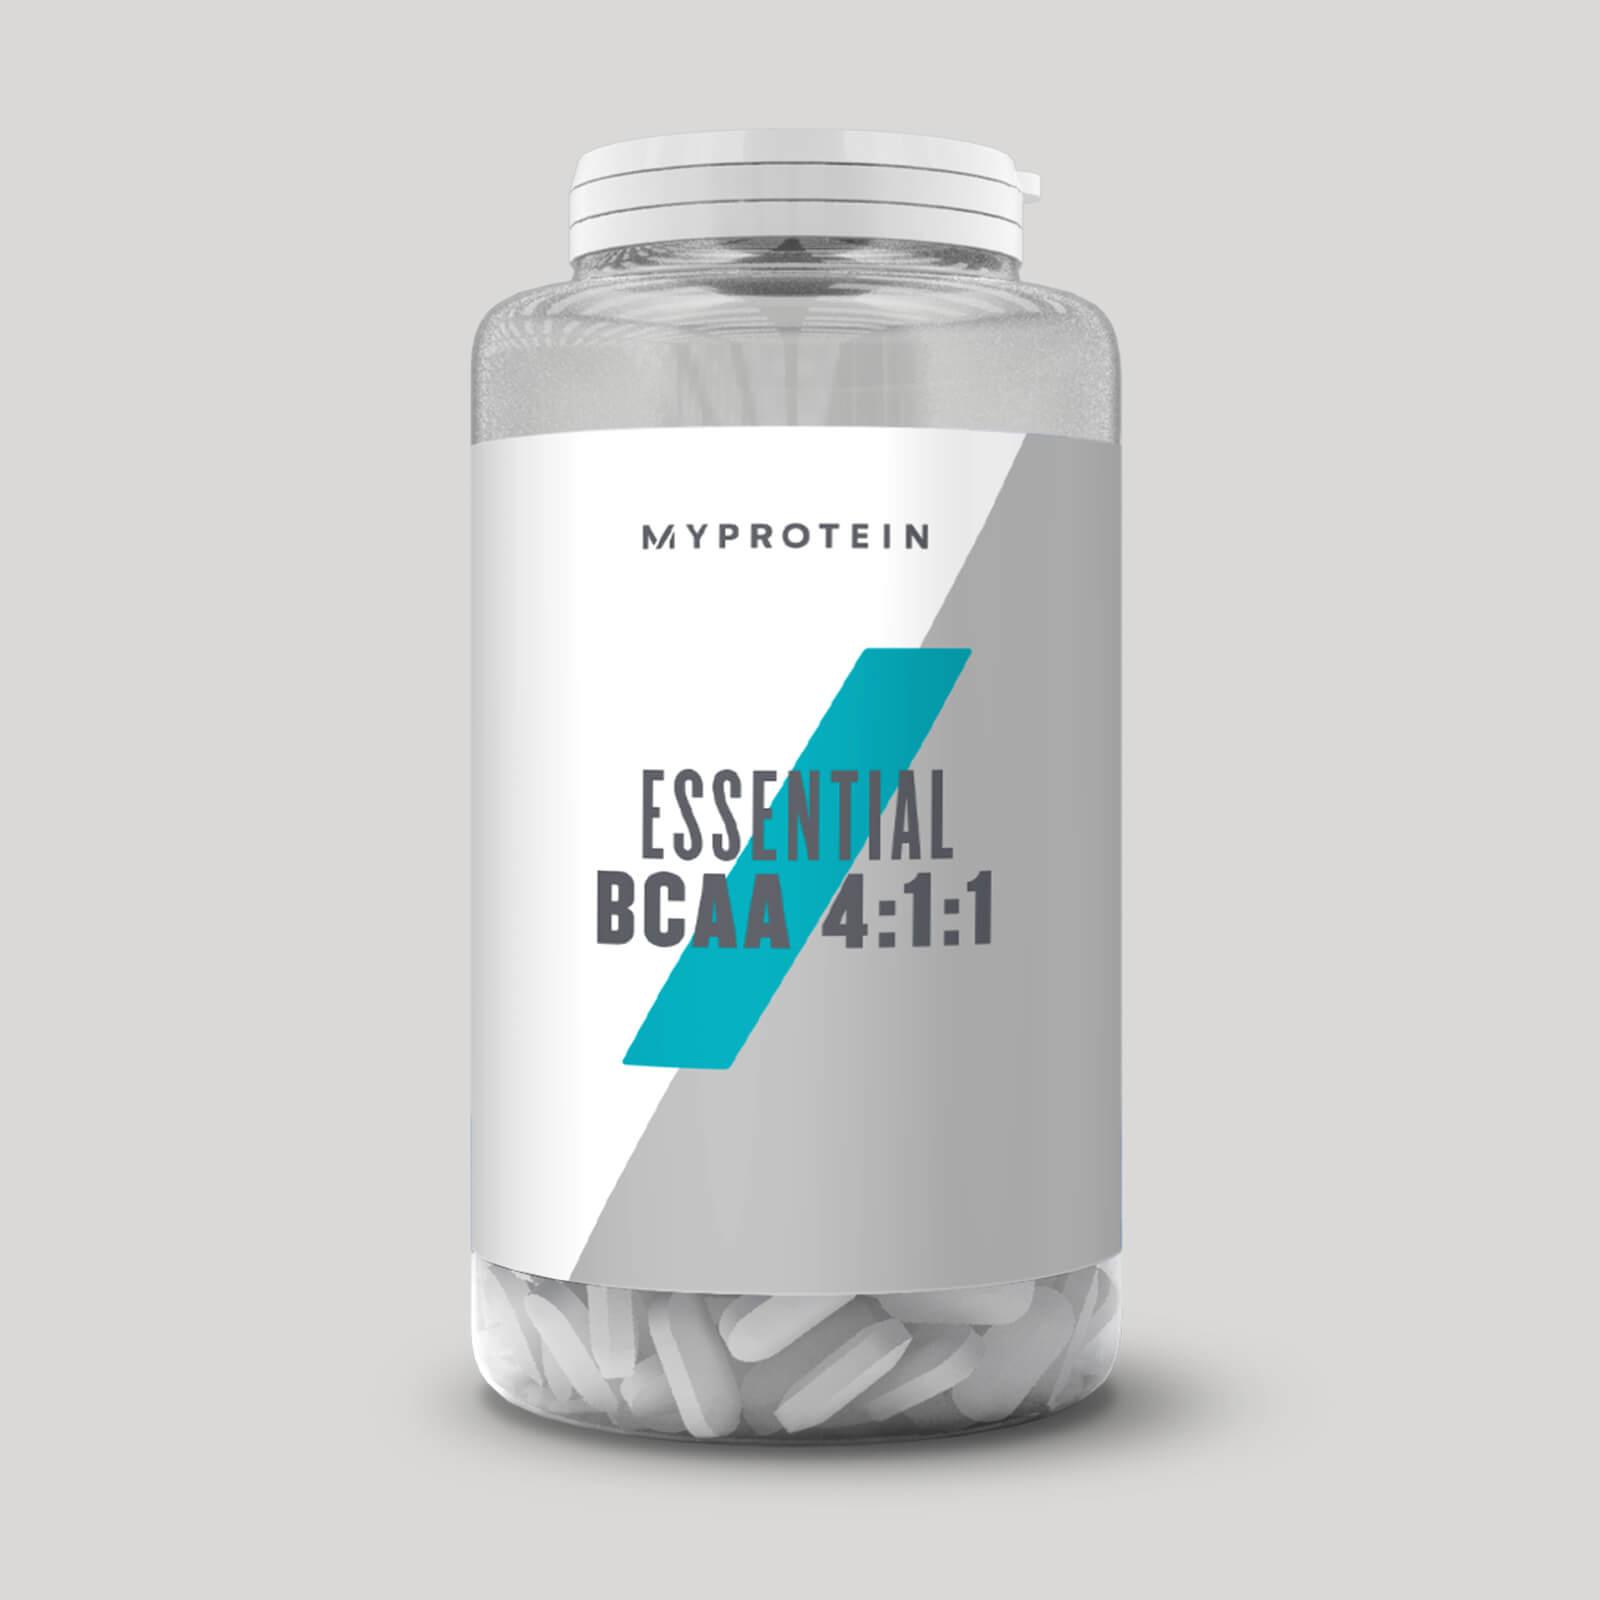 BCAA 4:1:1 タブレット 錠剤型アミノ酸サプリメント